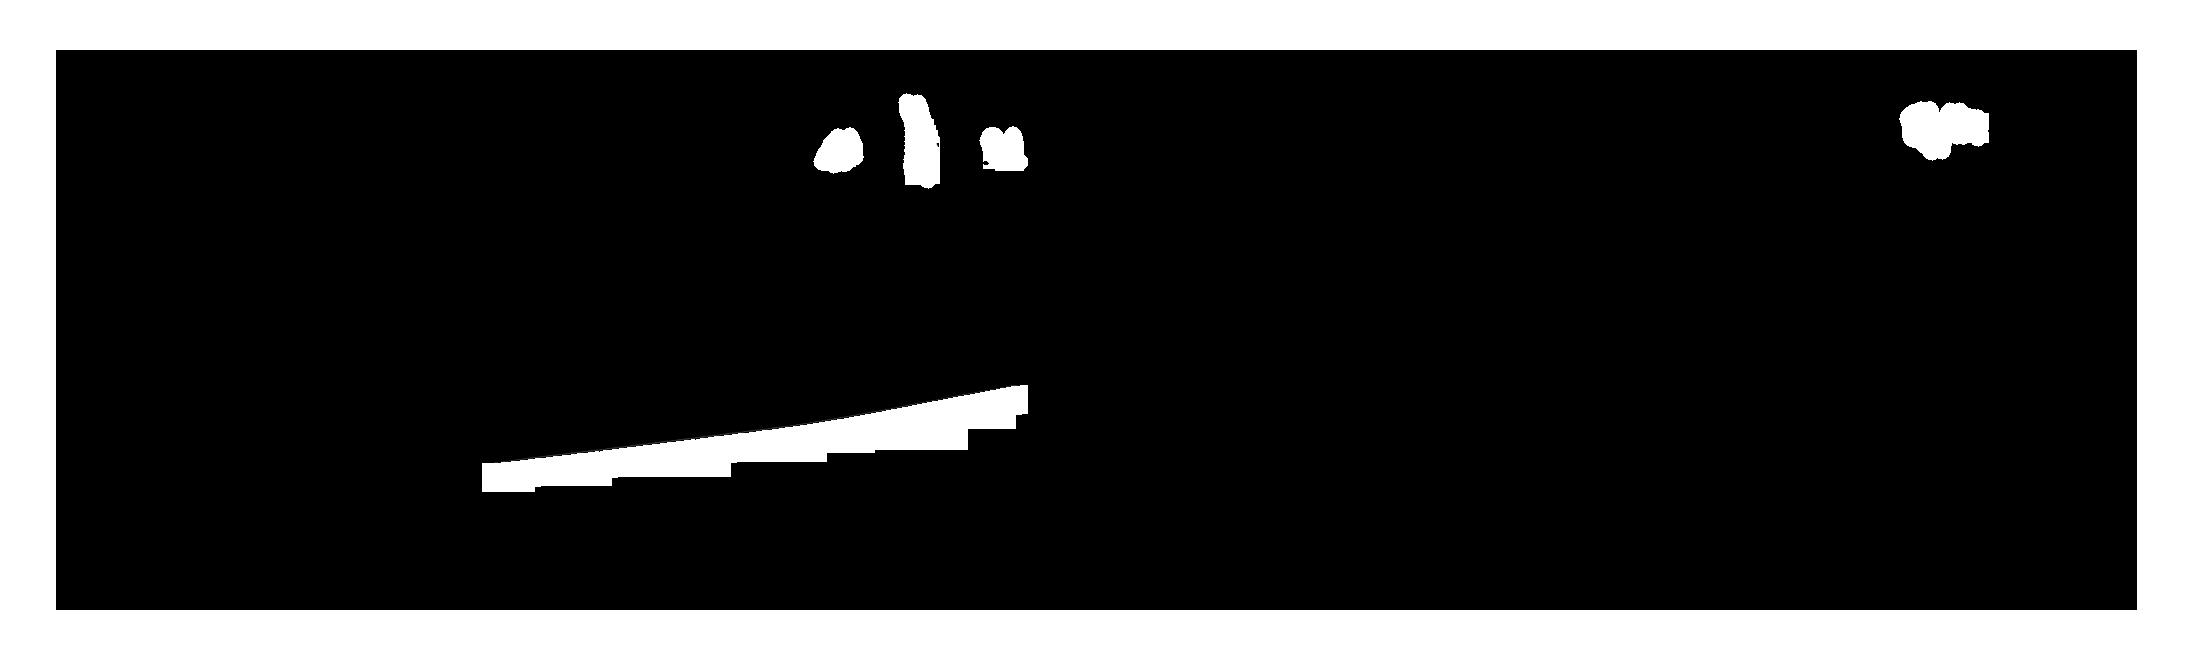 Fb6aeb66-ee88-4dd6-82ee-c532e939a85c